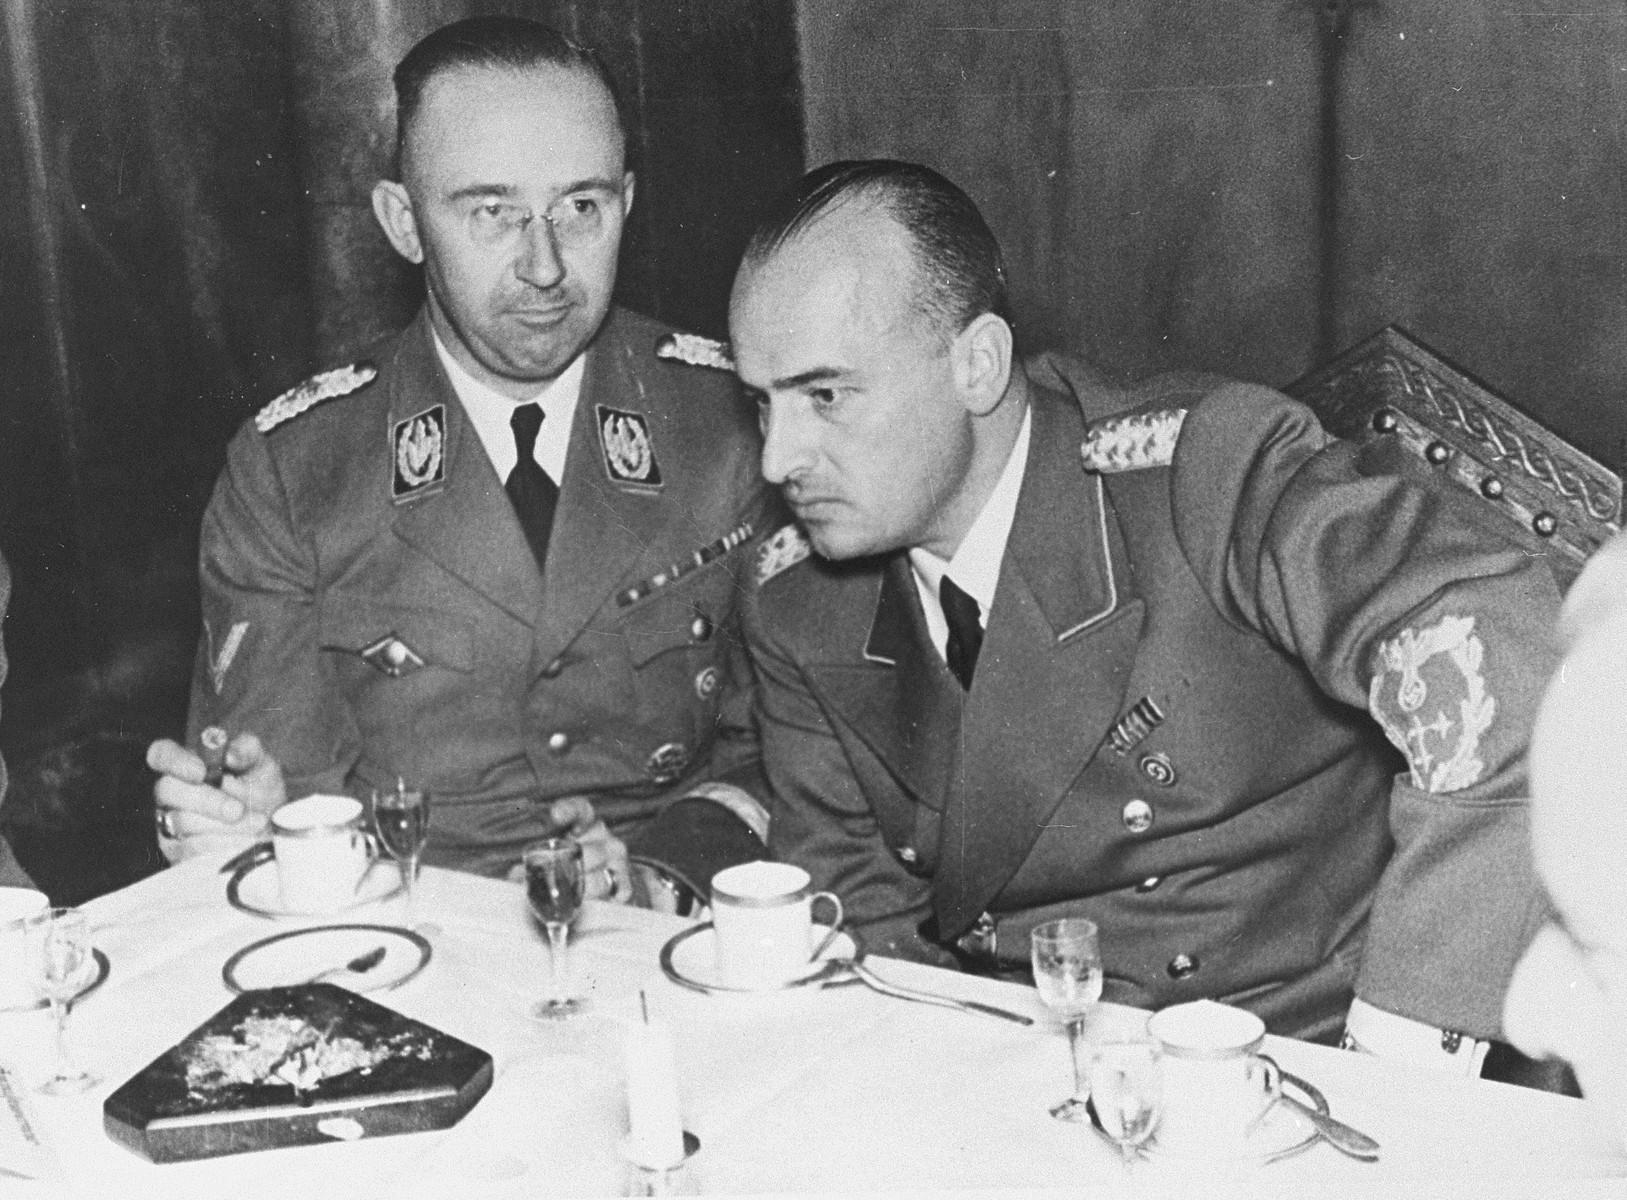 Governor-General Hans Frank hosts Reichsfuehrer SS Heinrich Himmler at a dinner held at Wawel castle during his visit to Krakow.